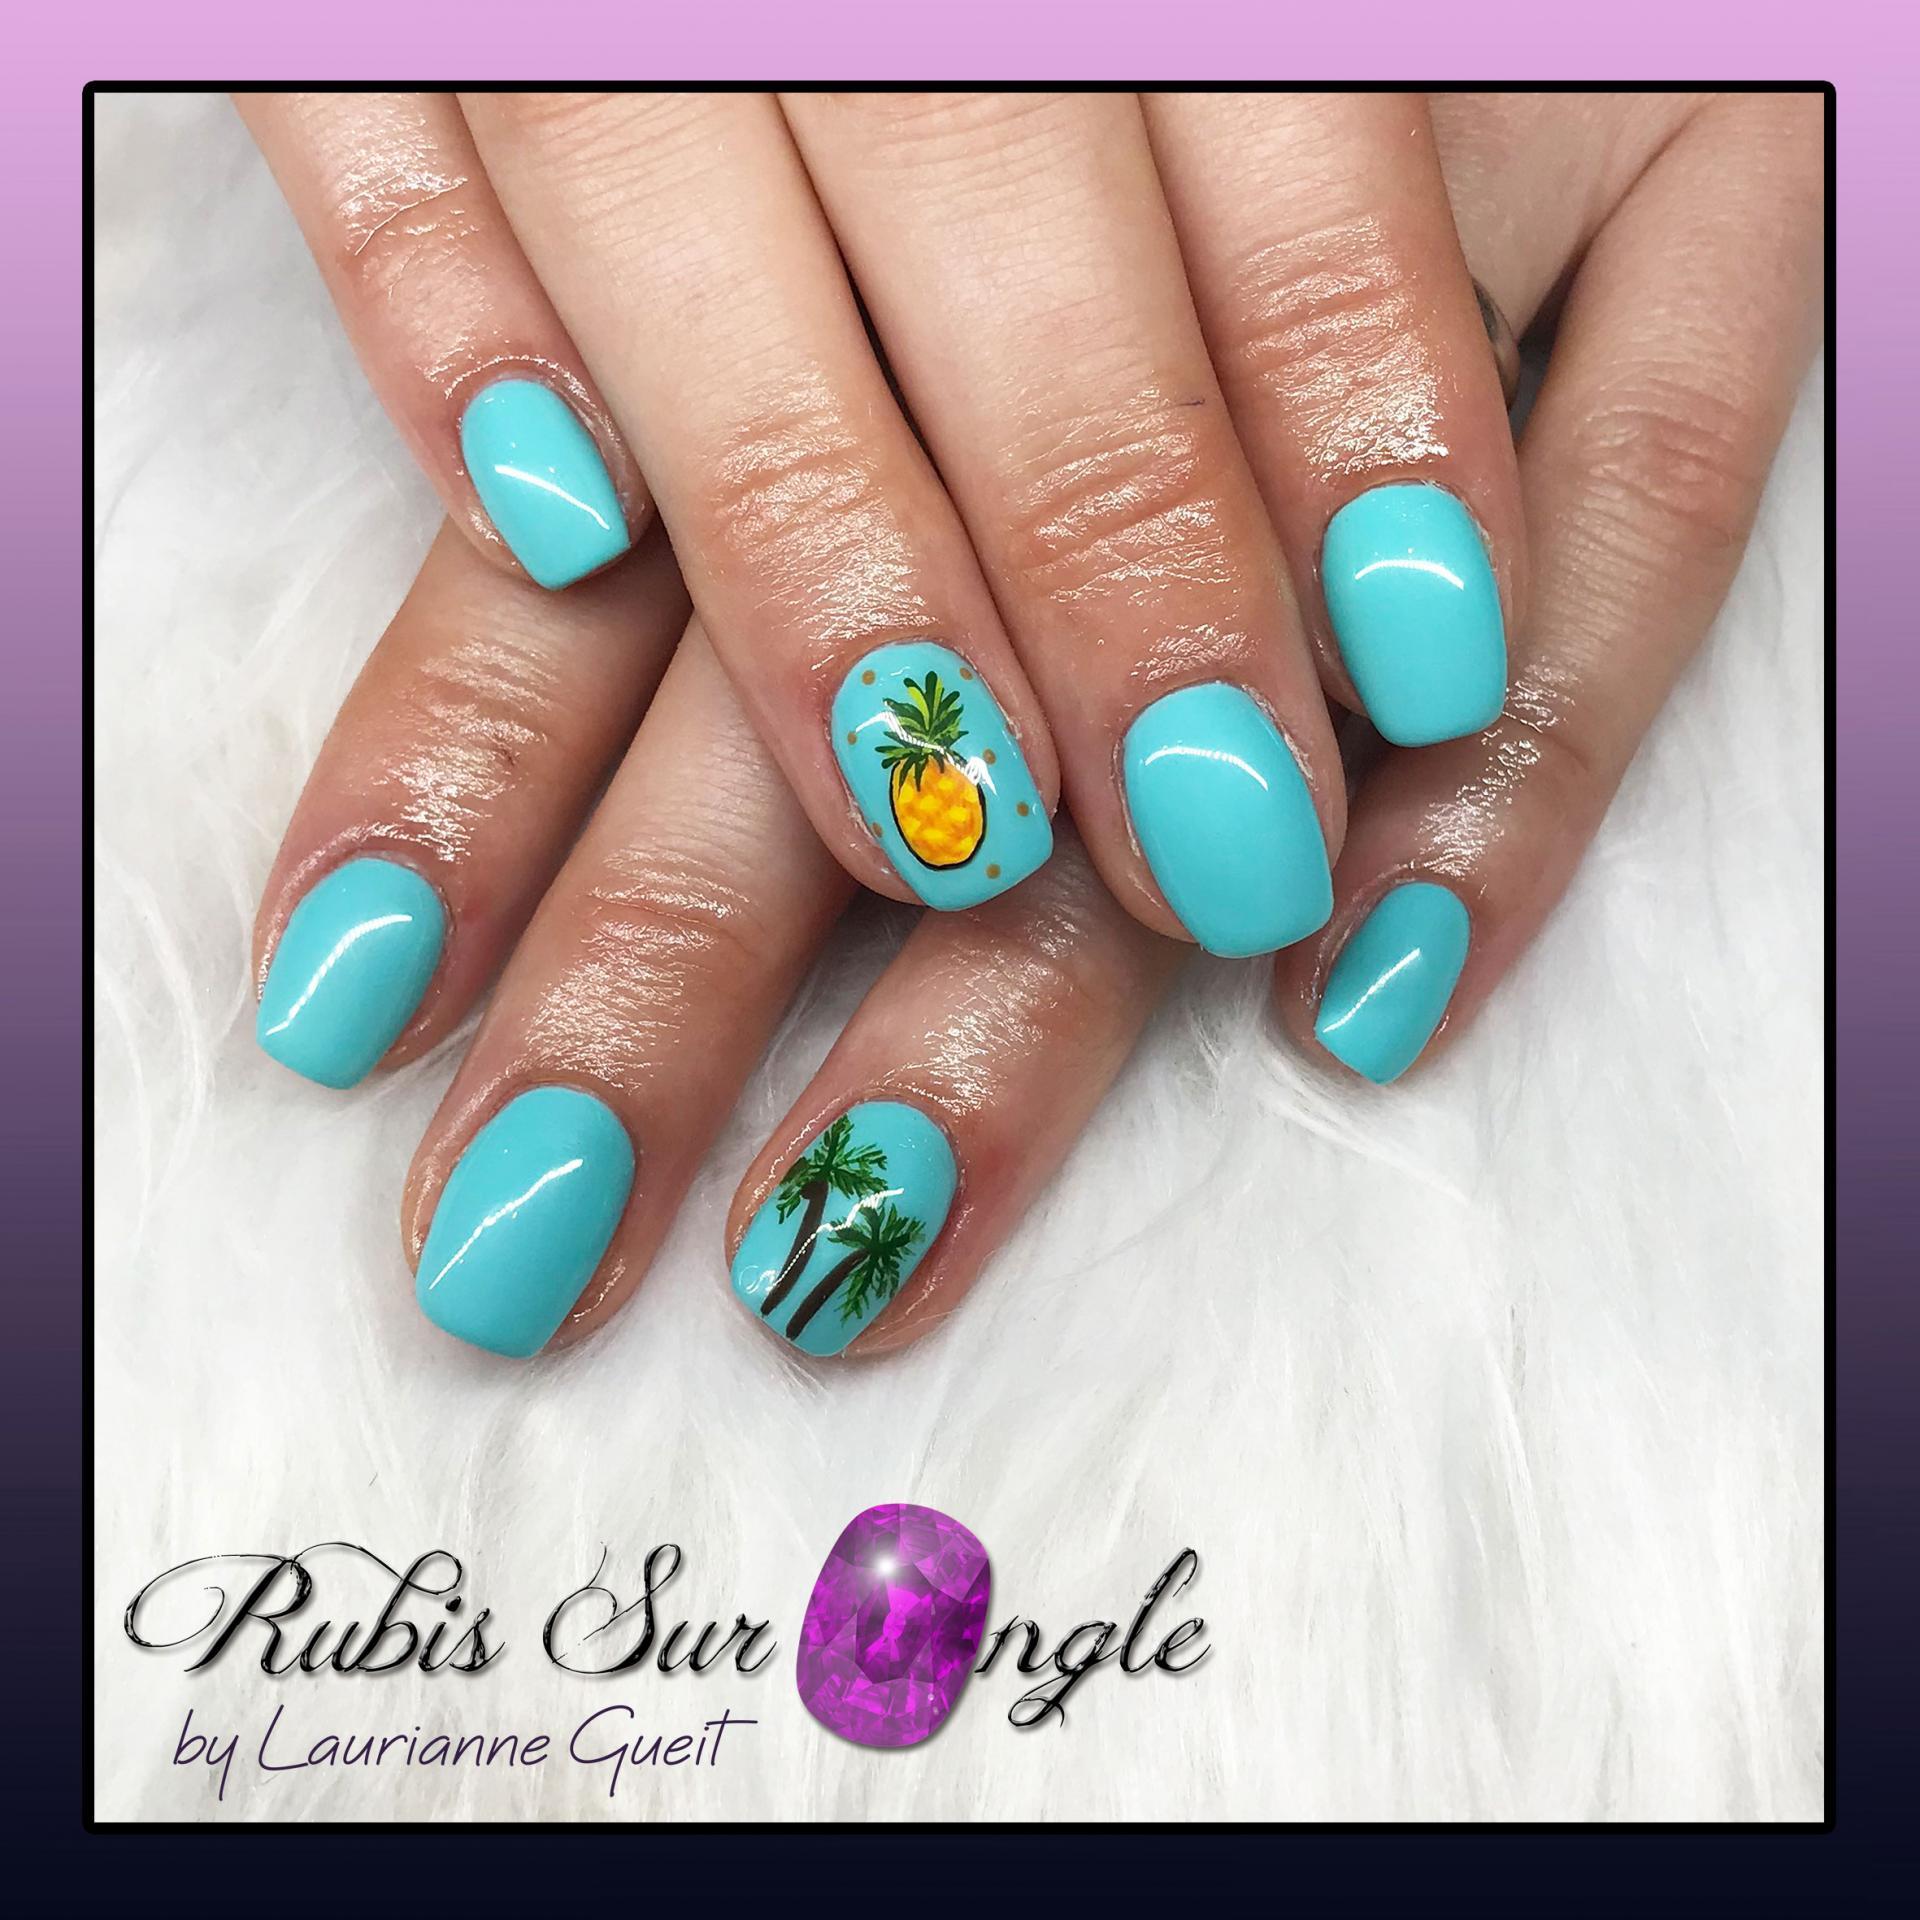 Rubis Sur Ongle Manucure Nail Art ananas et palmier